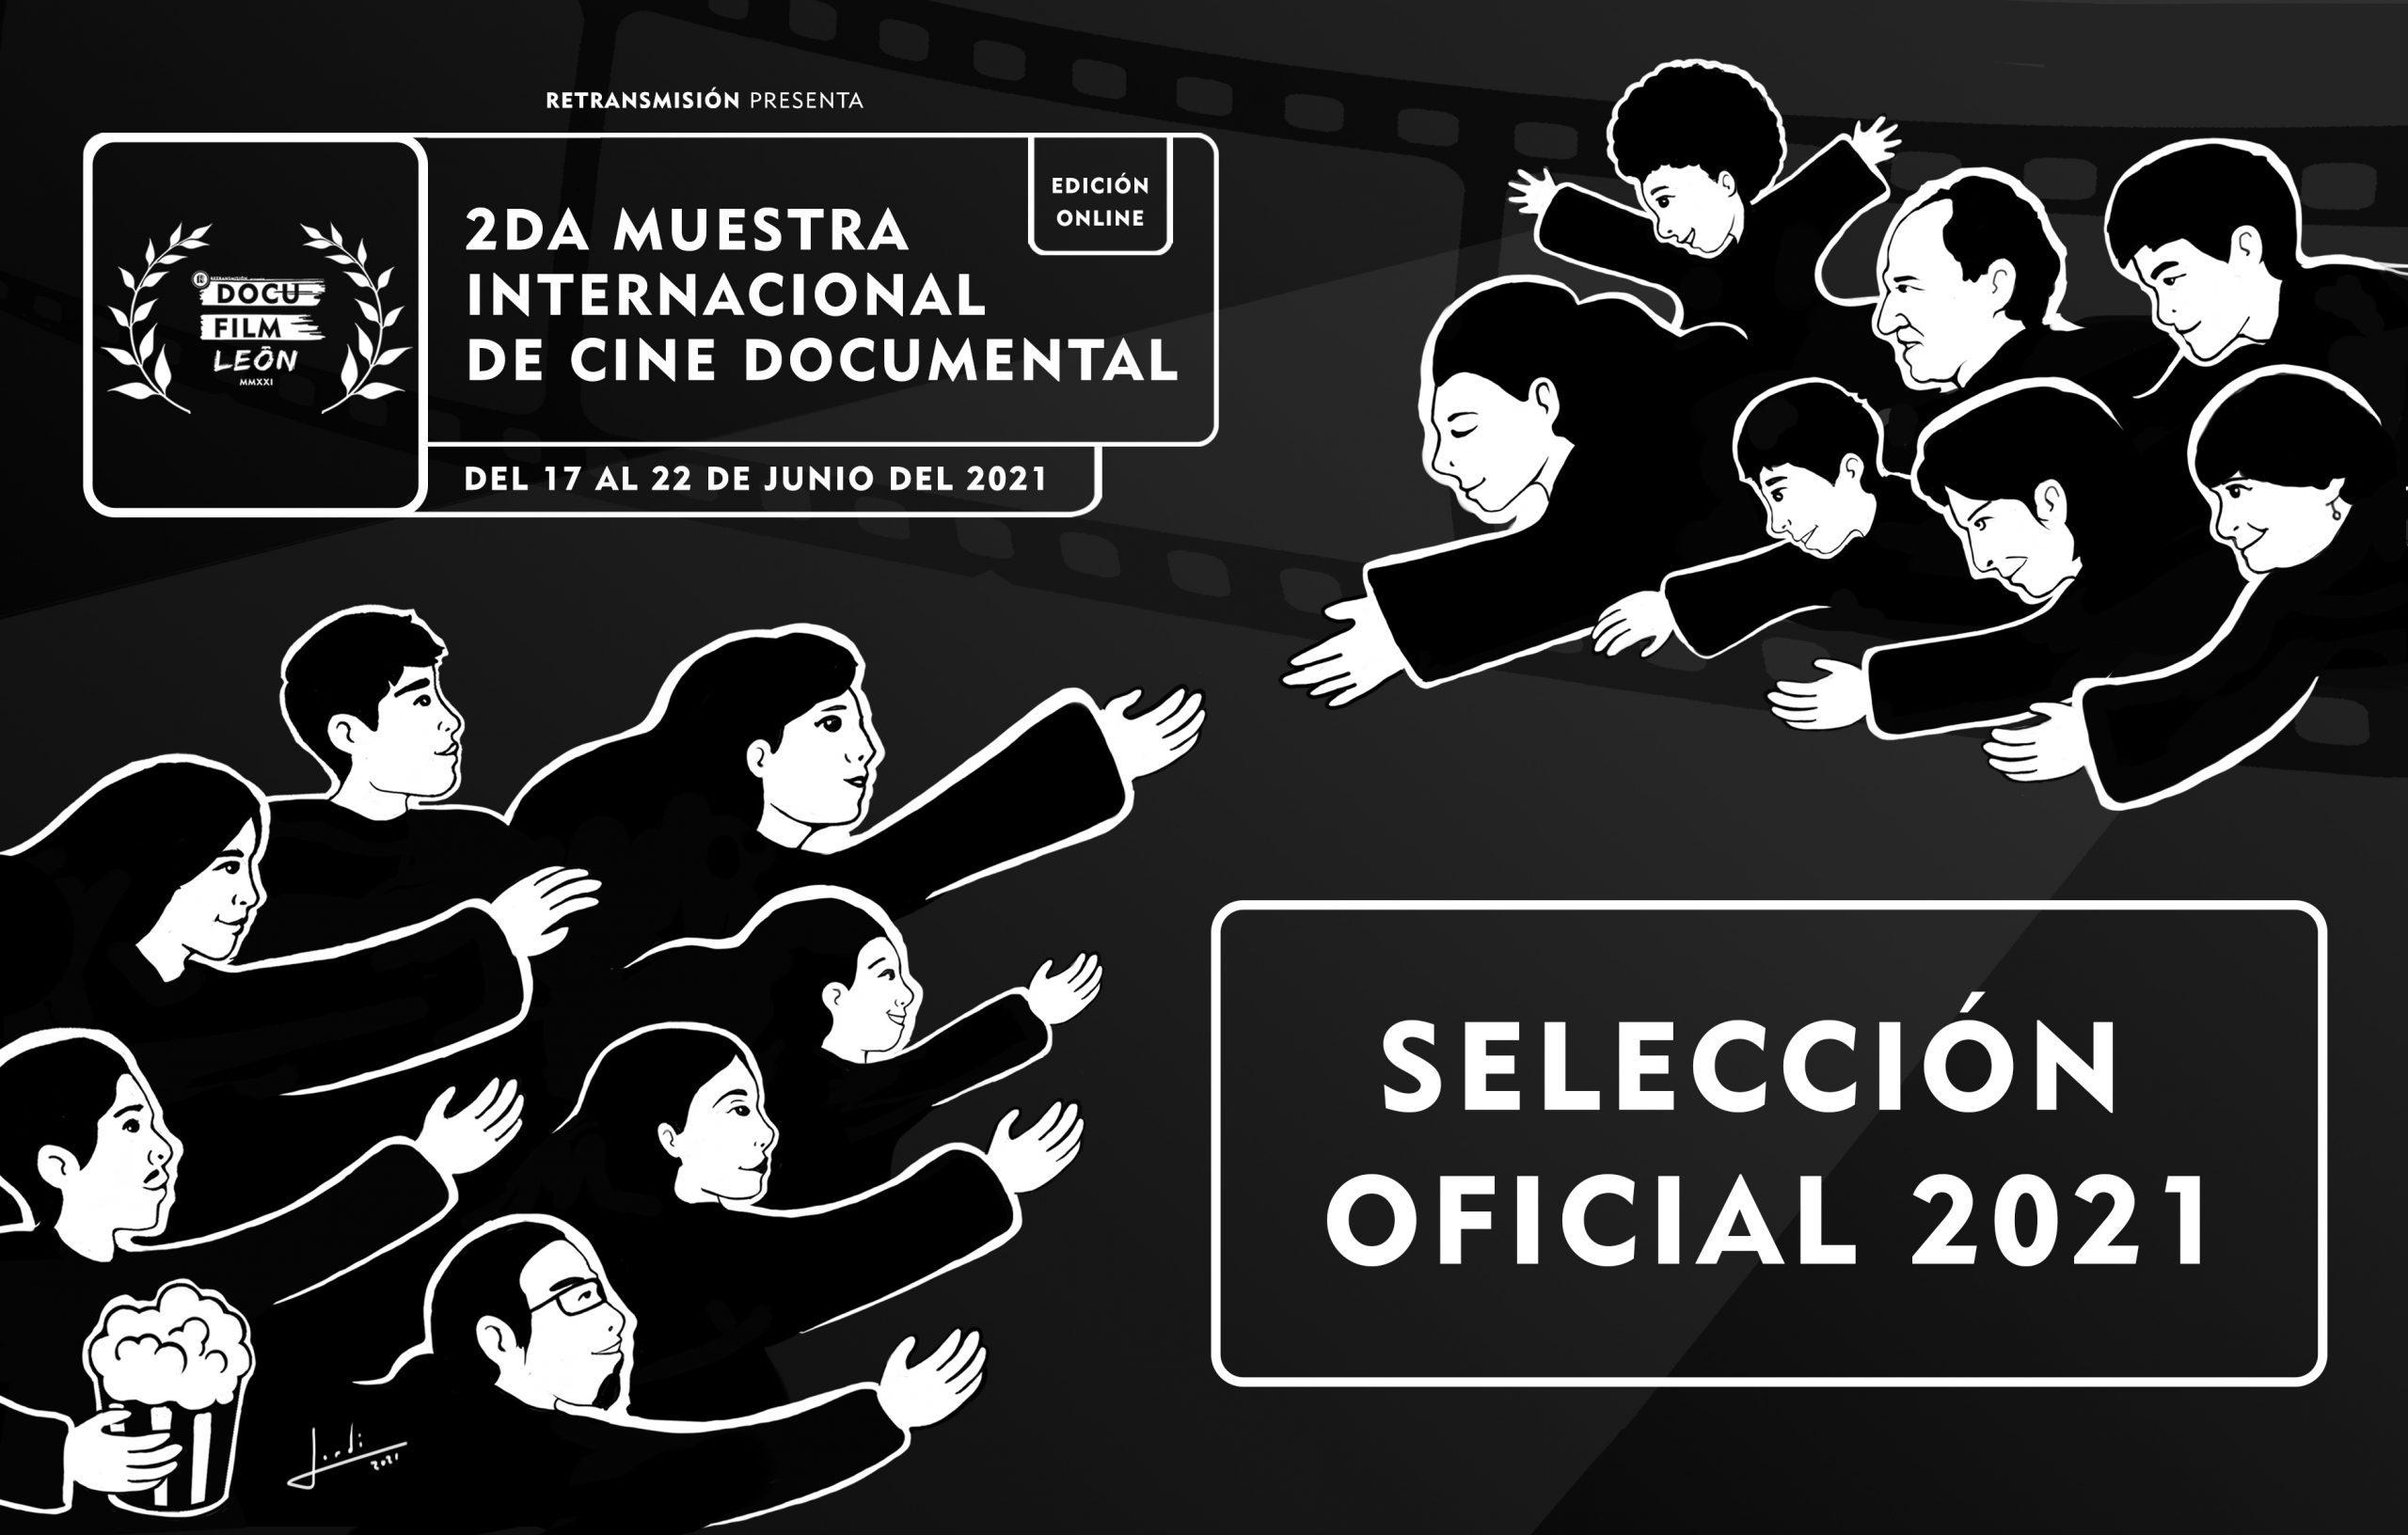 PORTA-SELECCIÓN-OFICIAL-2021-DOCU-FILM-LEÓN-RETRANSMISIÓN